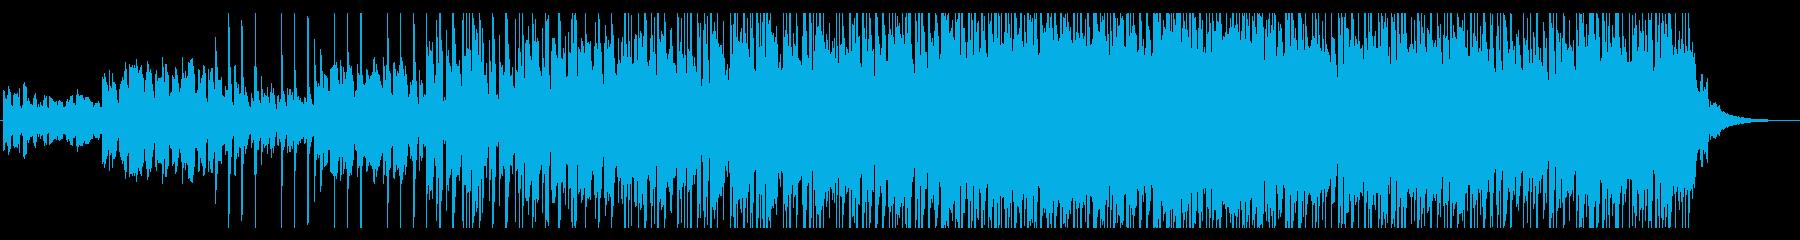 シンセパッド/ロック/疾走感の再生済みの波形